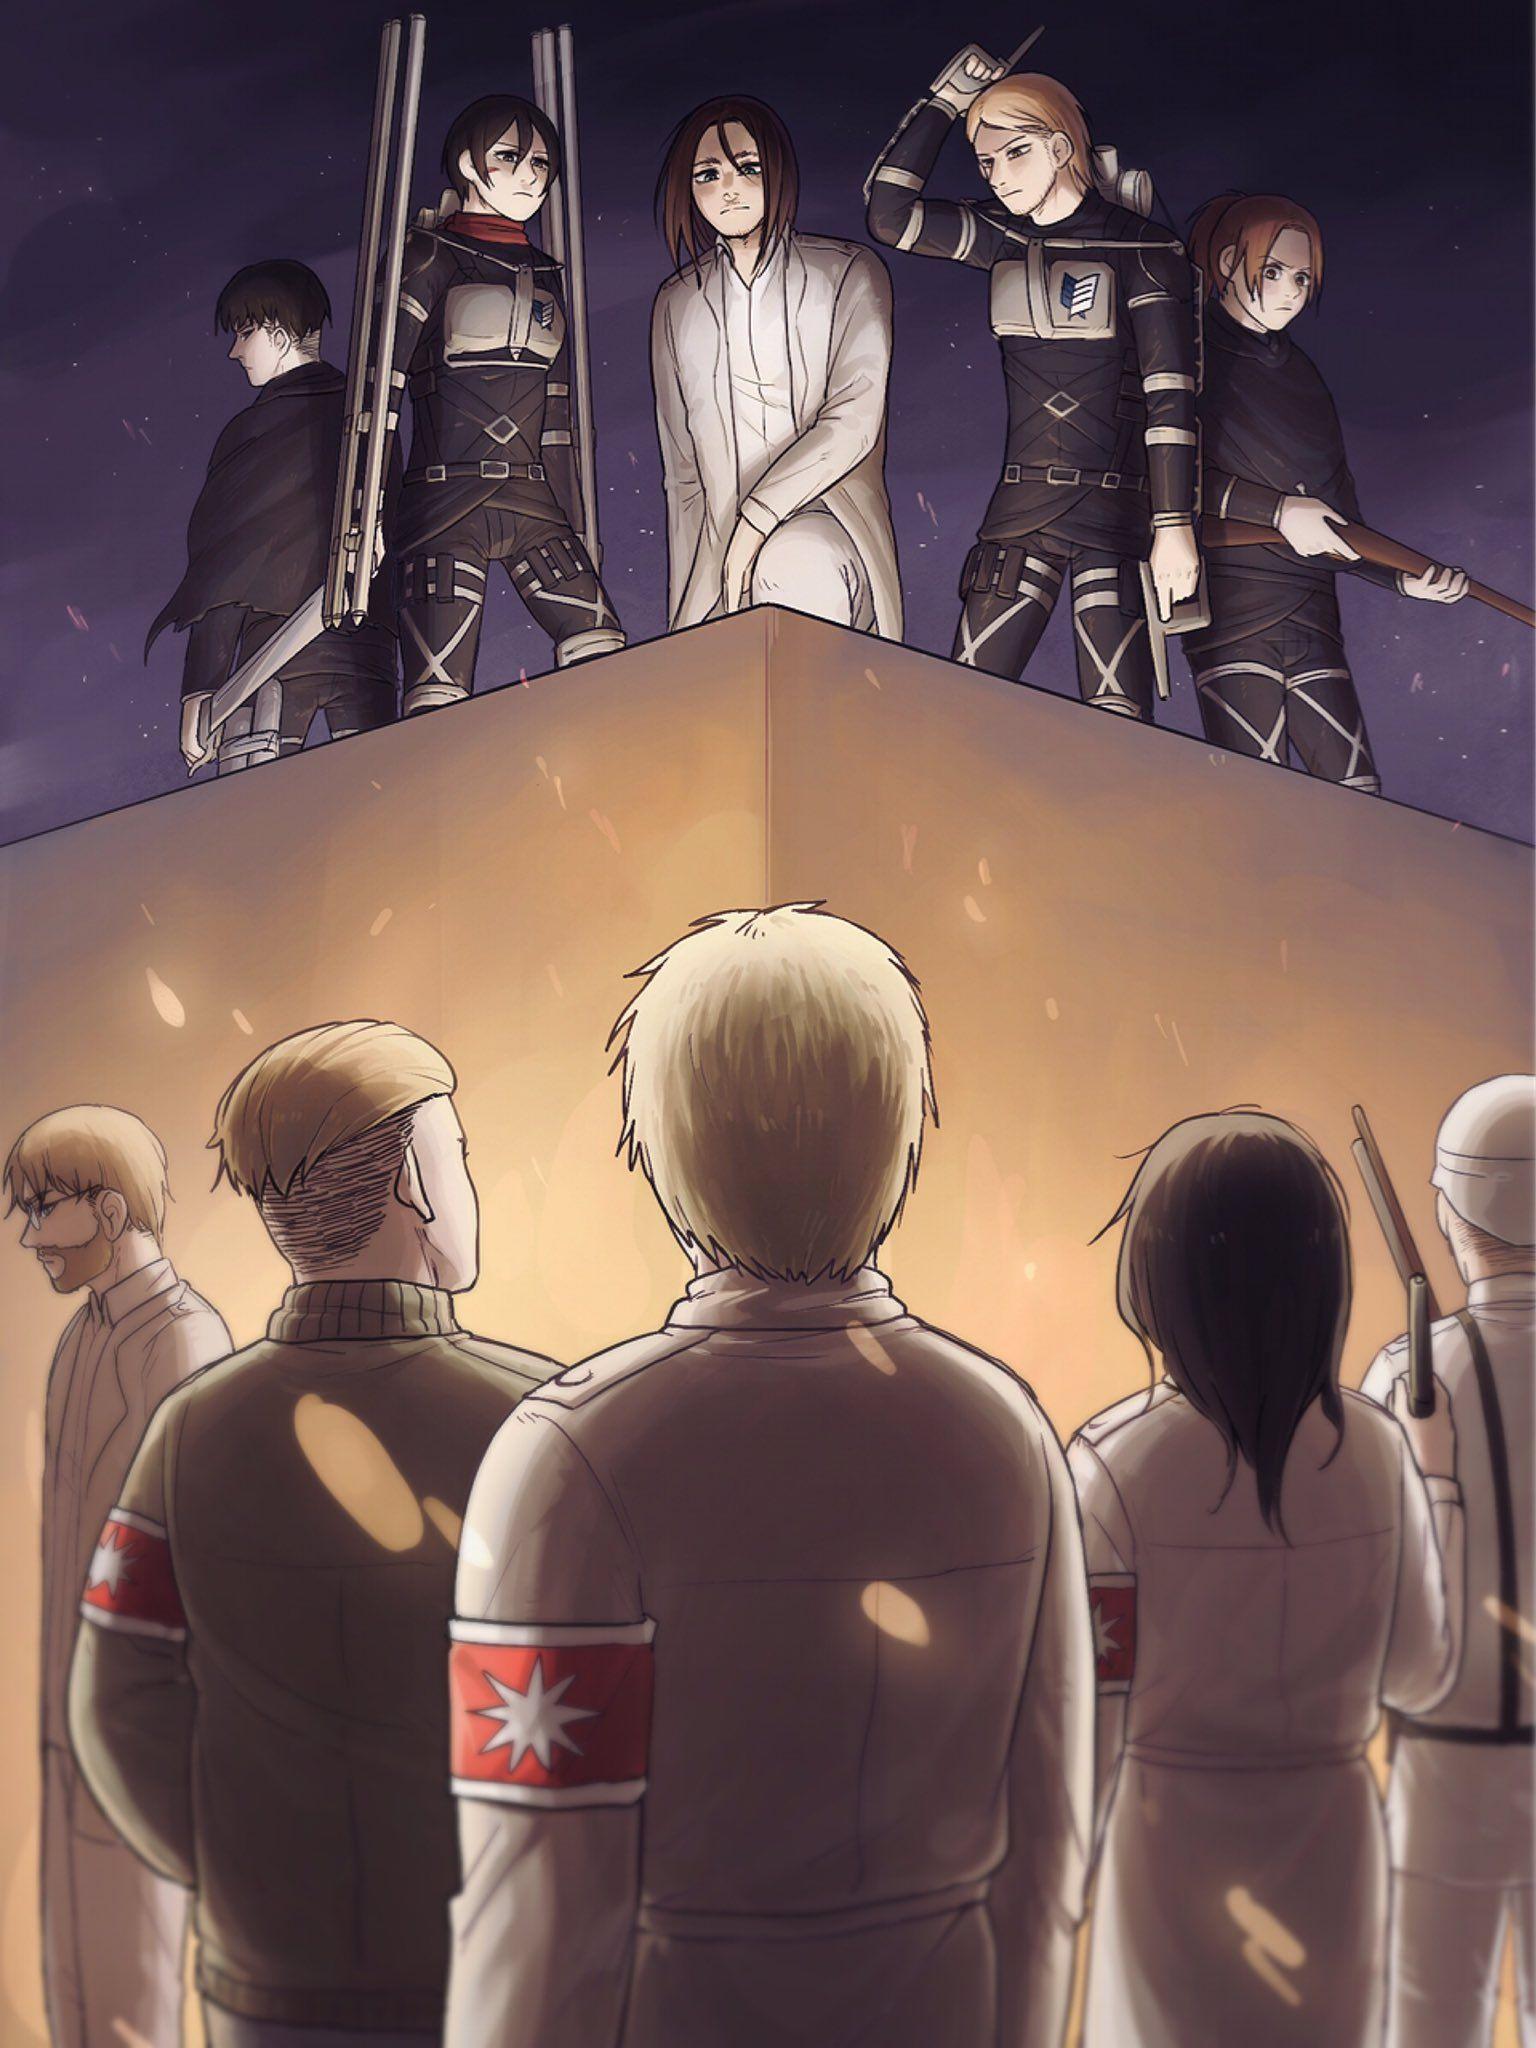 BORA🎆126스포 on Attack on titan anime, Attack on titan